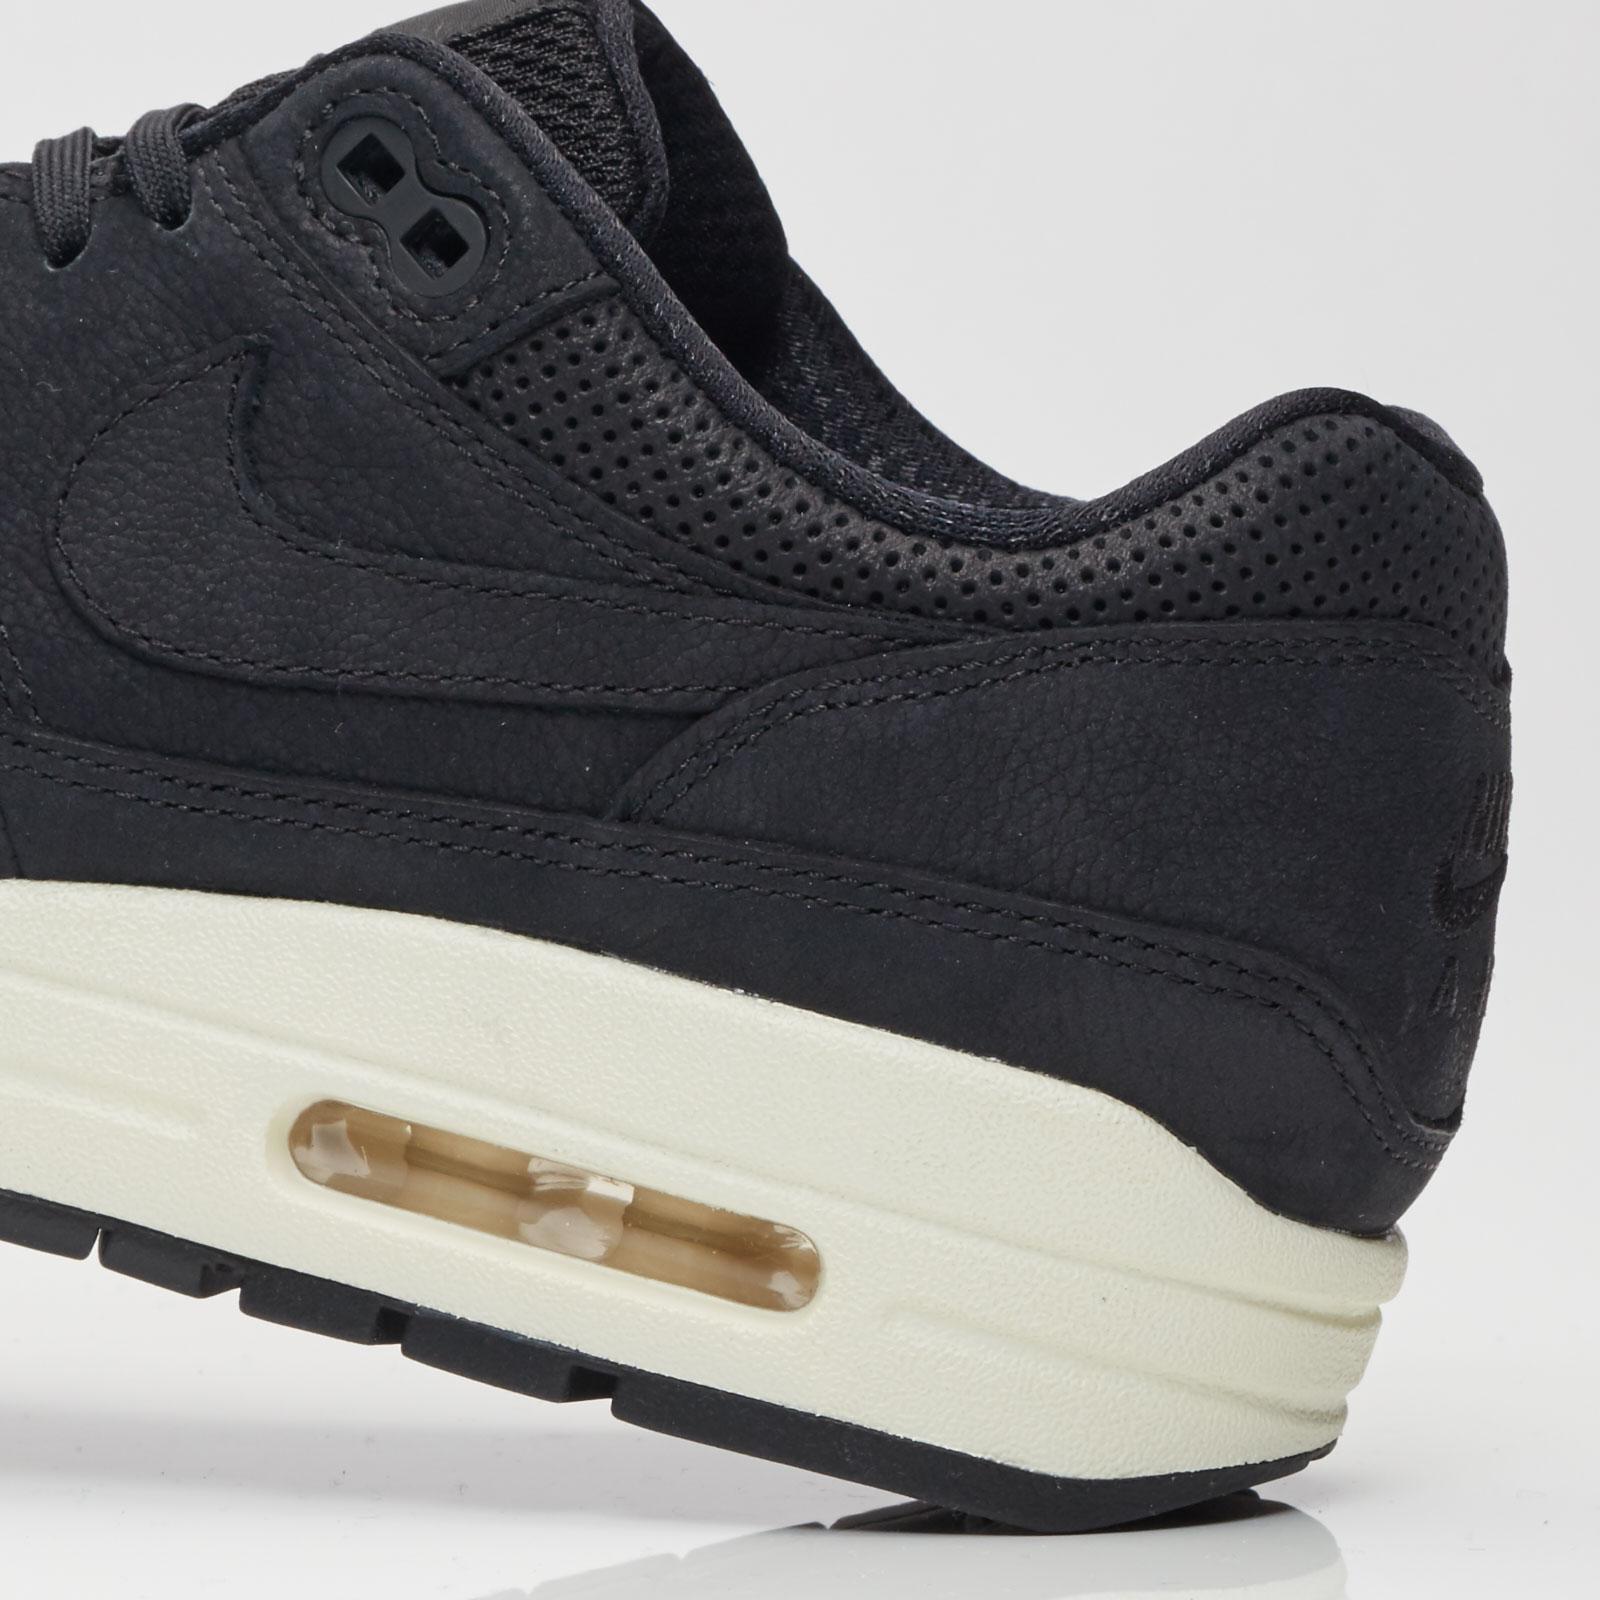 Talla Ejemplo Exclusivo  Nike Wmns Air Max 1 Pinnacle - 839608-005 - Sneakersnstuff | sneakers &  streetwear online since 1999